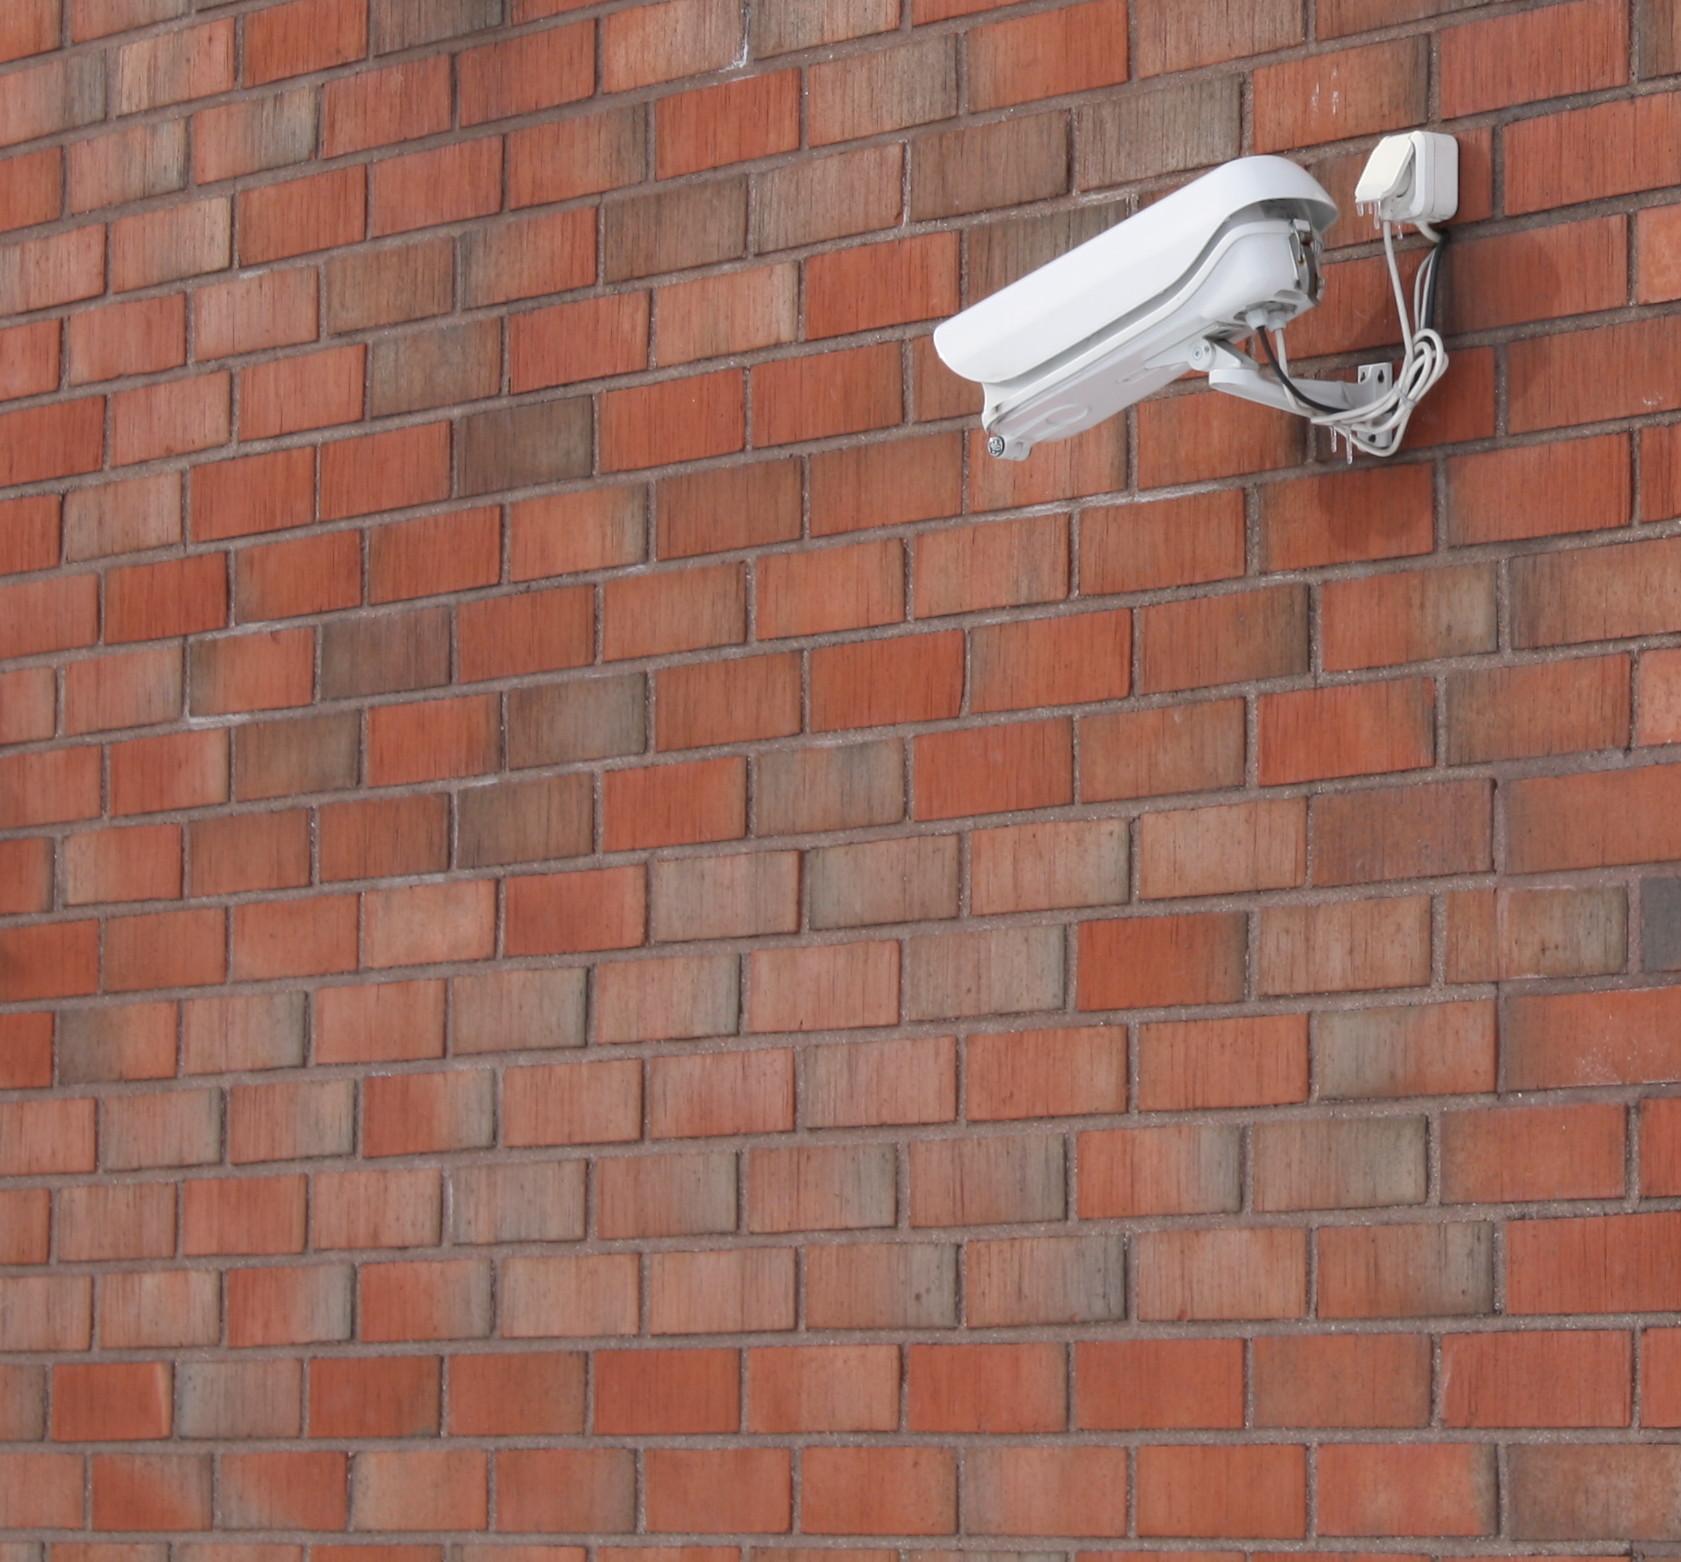 Berlins Datenschützer besorgt über private Überwachungskameras